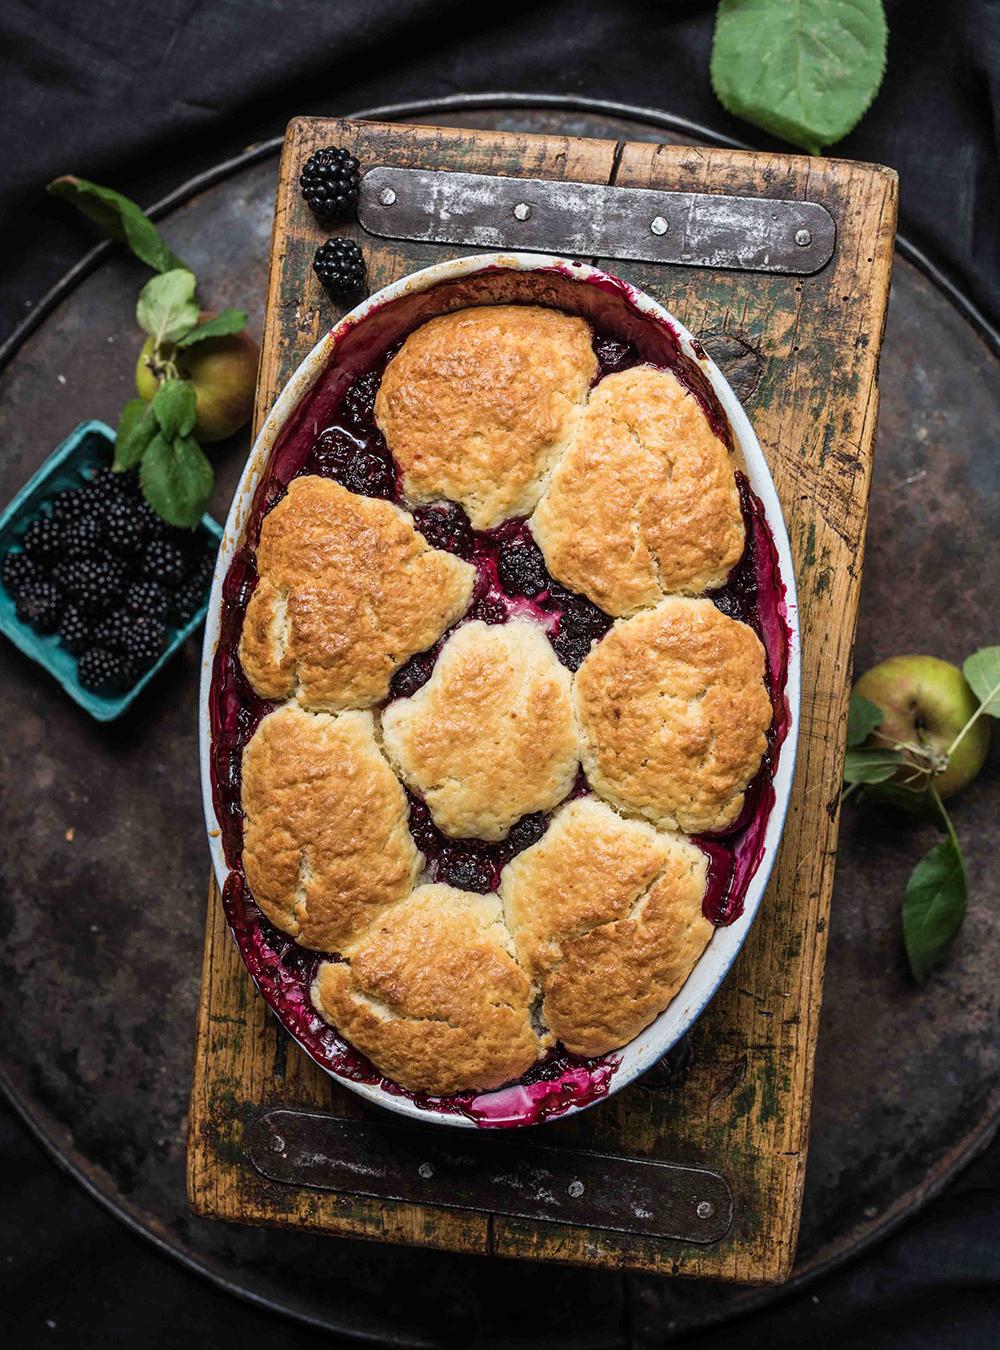 Beeren Cobbler aus Septemberfrüchten - Dark Berry Apple Cobbler - Fruchtiger Beeren Auflauf mit knusprigem Cookie Topping - Rezept mit und ohne Thermomix